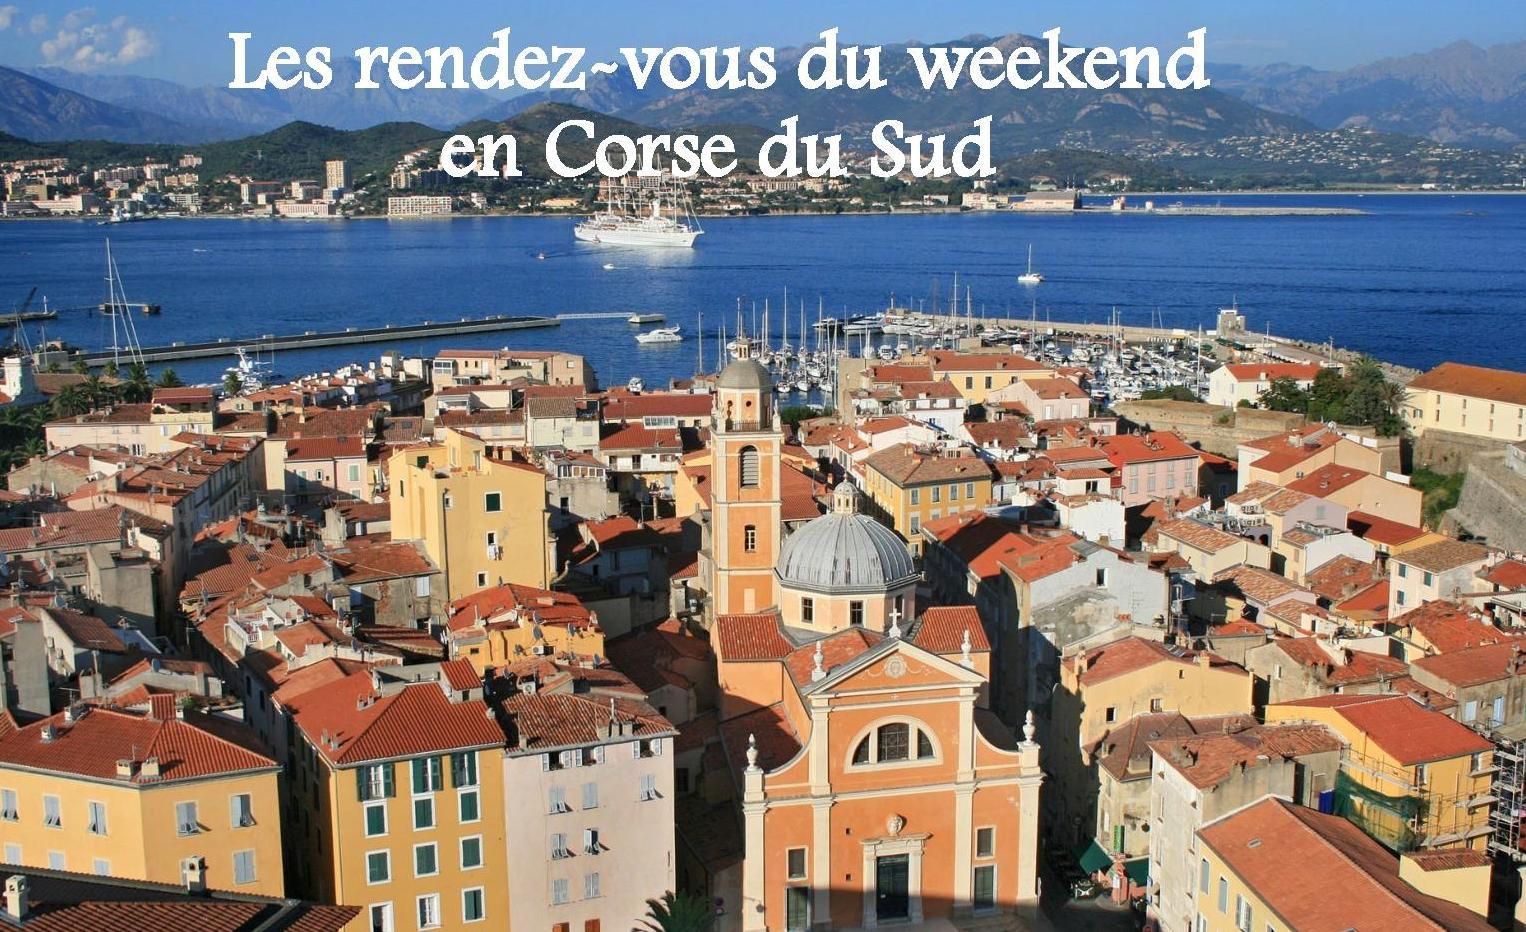 Quelques idées pour s'évader ce week-end en Corse du Sud